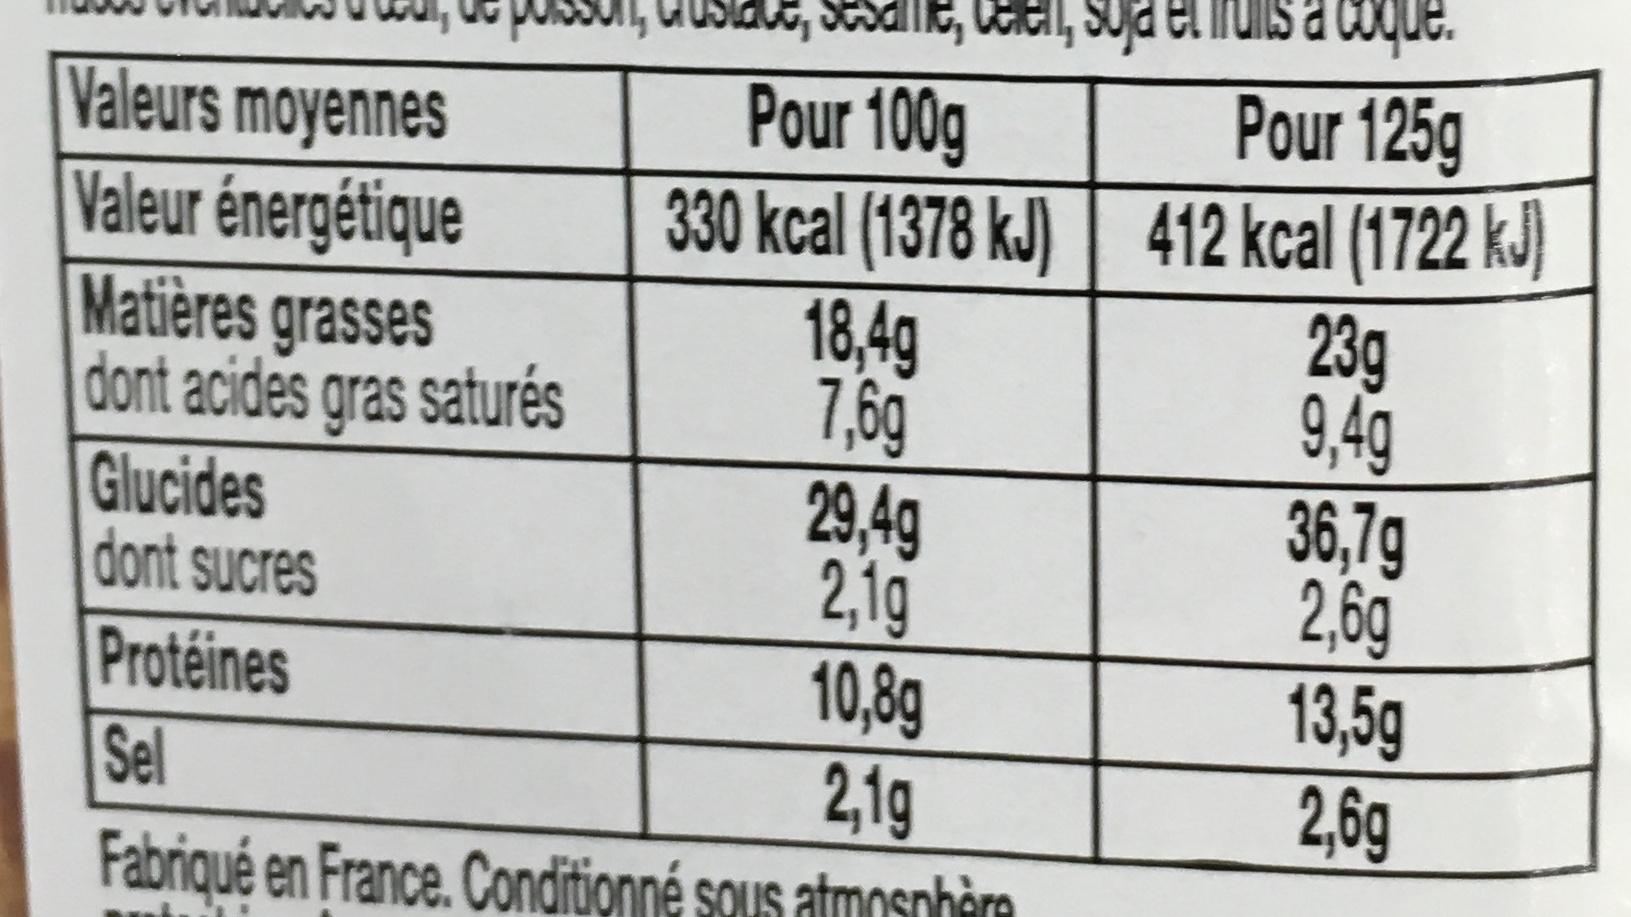 Le Club Classique Rosette de Lyon - Informations nutritionnelles - fr